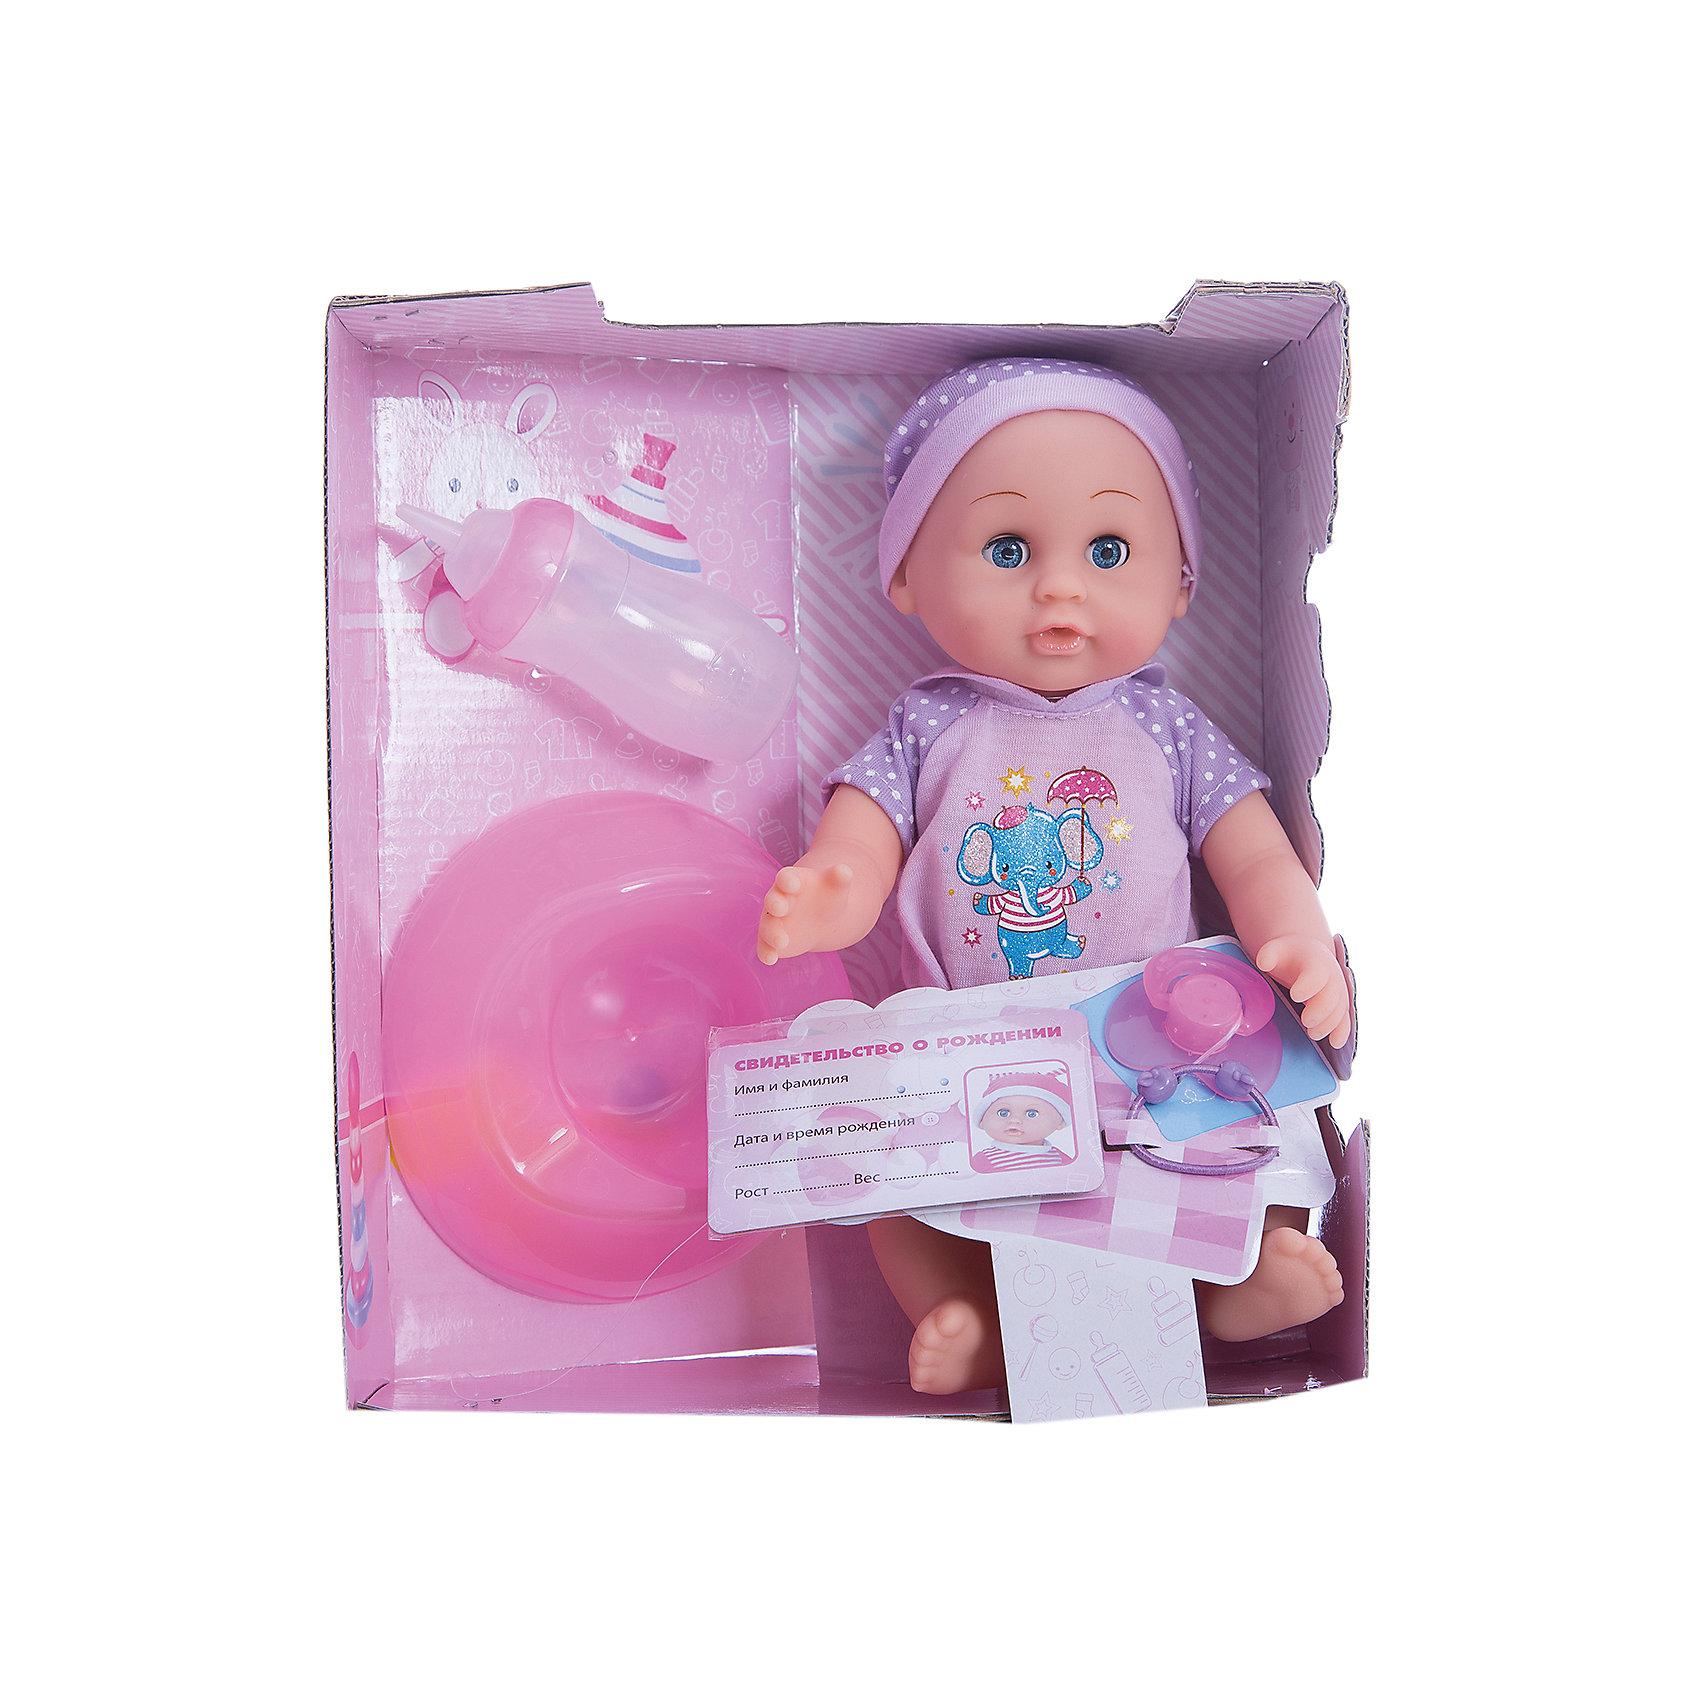 Пупс, 25 см, 3 функции, КарапузПорадовать девочку просто - подарите ей такую куклу. С её помощью девочка будет осваивать базовые навыки общения, ухода за собой и заботы о других.<br>Изделие представляет собой симпатичную куклу с хорошей детализацией из прочного пластика. Она умеет пить и писать, поэтому к ней прилагаются горшок, бутылочка и памперс! Изделие произведено из качественных материалов, безопасных для ребенка.<br><br>Дополнительная информация:<br><br>цвет: разноцветный;<br>материал: пластик, текстиль;<br>комплектация: кукла, одежда, горшок, соска;<br>размер упаковки: 120 x 250 x 250 мм.<br><br>Пупса, 25 см, 3 функции, от бренда Карапуз можно купить в нашем магазине.<br><br>Ширина мм: 120<br>Глубина мм: 250<br>Высота мм: 220<br>Вес г: 520<br>Возраст от месяцев: 36<br>Возраст до месяцев: 2147483647<br>Пол: Женский<br>Возраст: Детский<br>SKU: 5002253